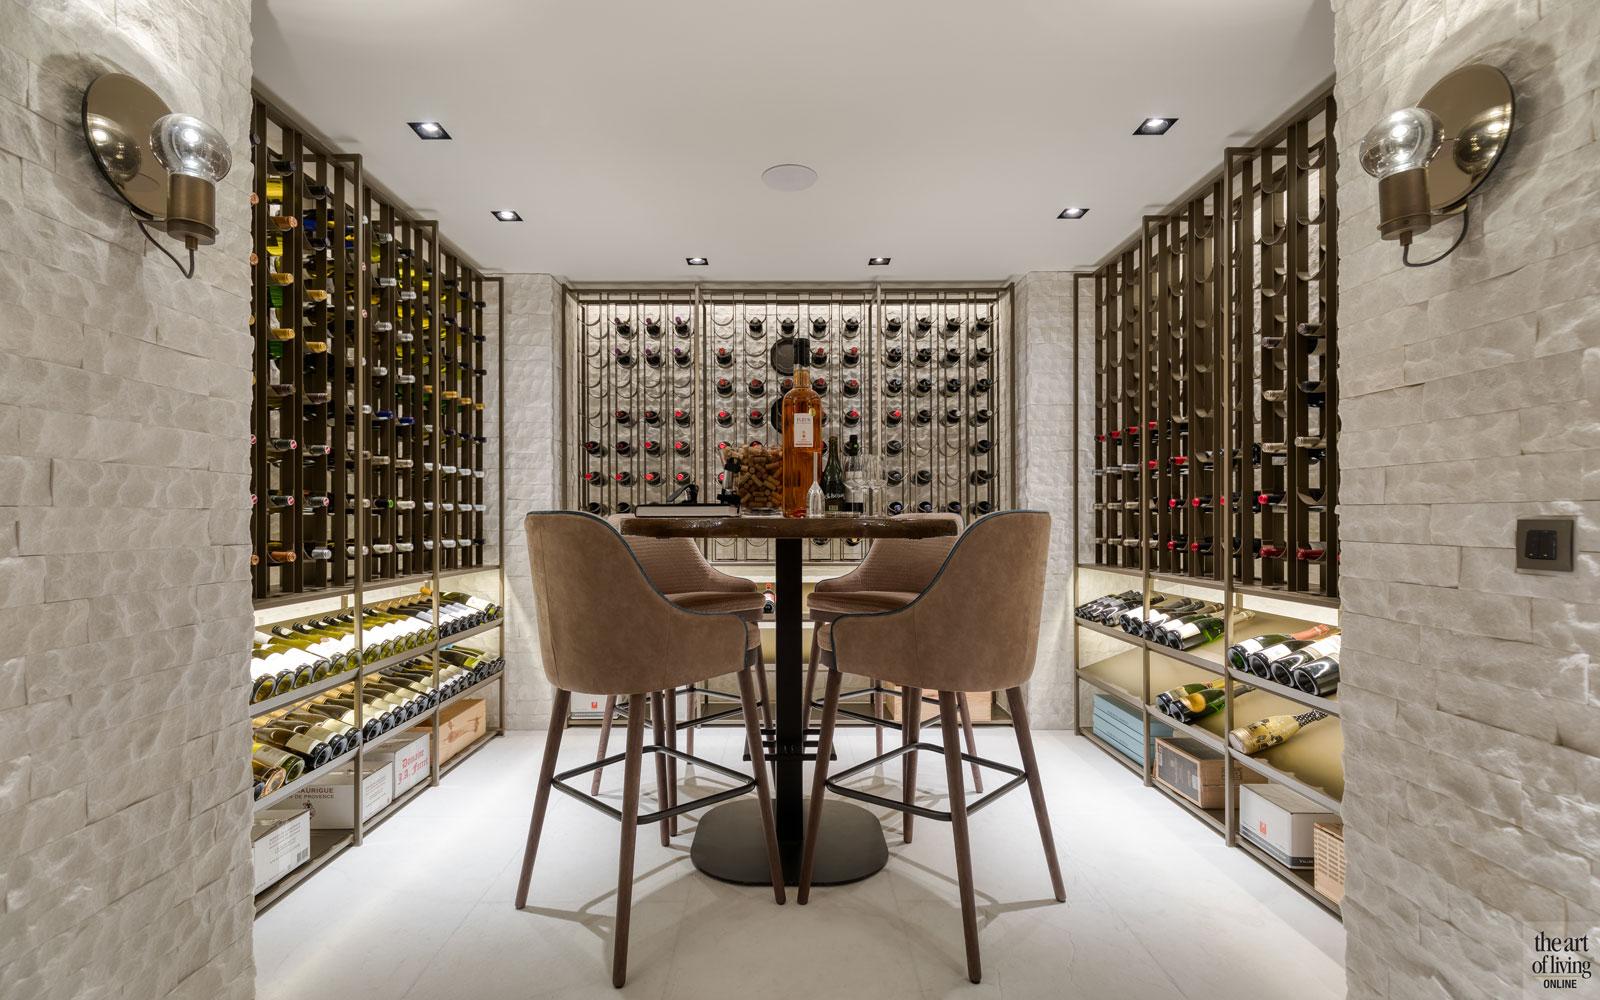 High end interieur, Herman Peters, wijnkelder, wijn, exclusieve wijn